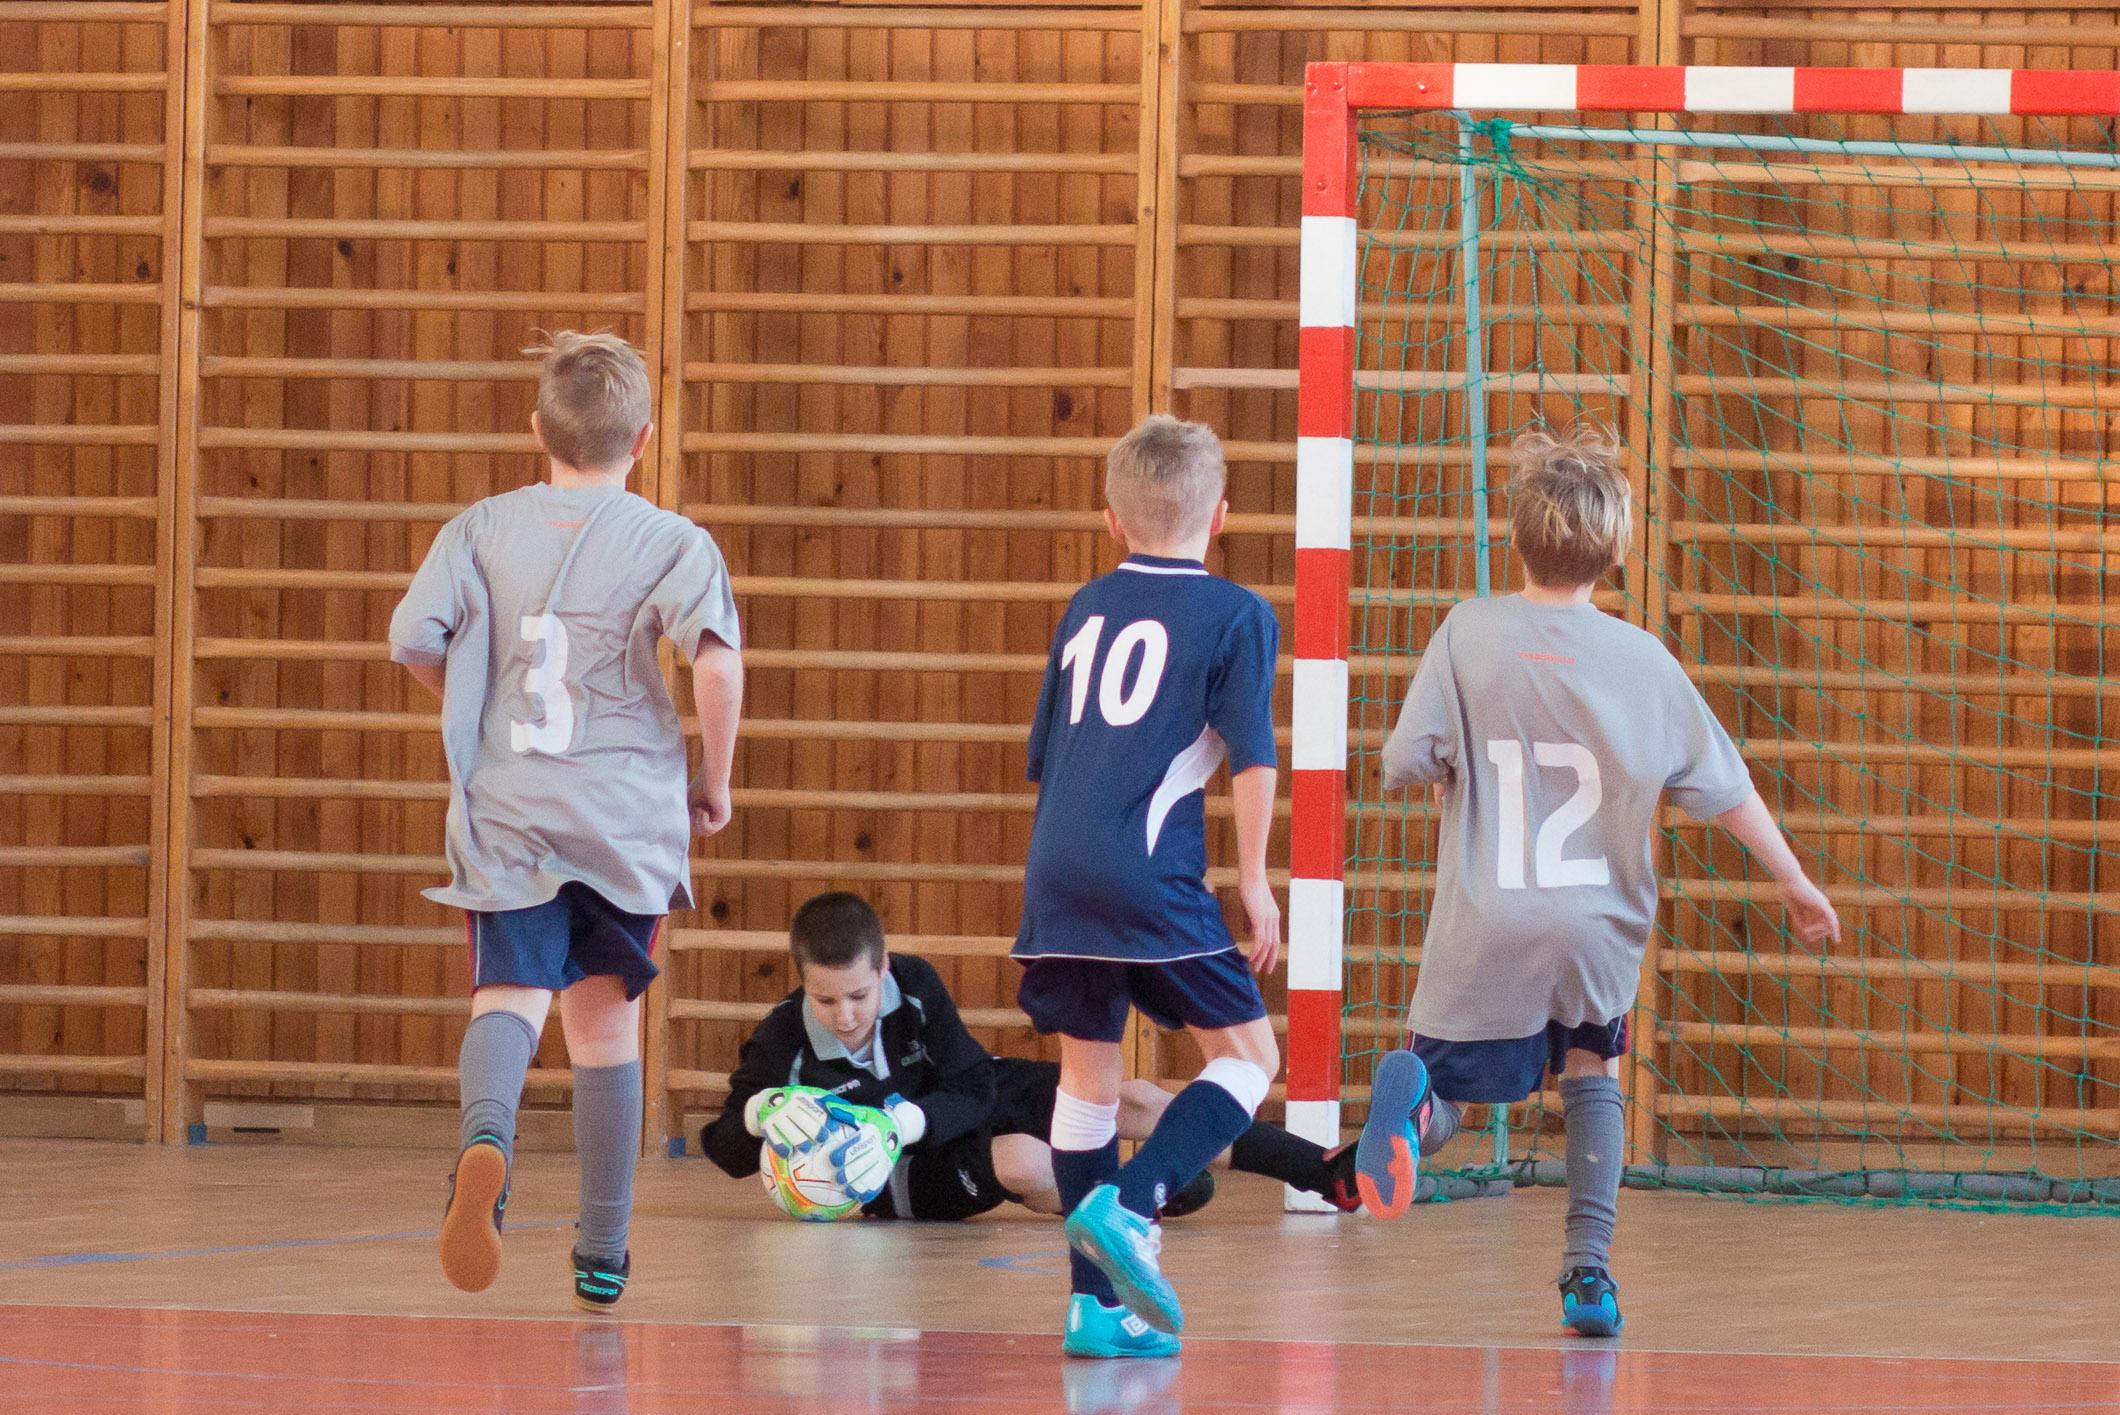 novorocny-turnaj-minifutbal-zvolen-116